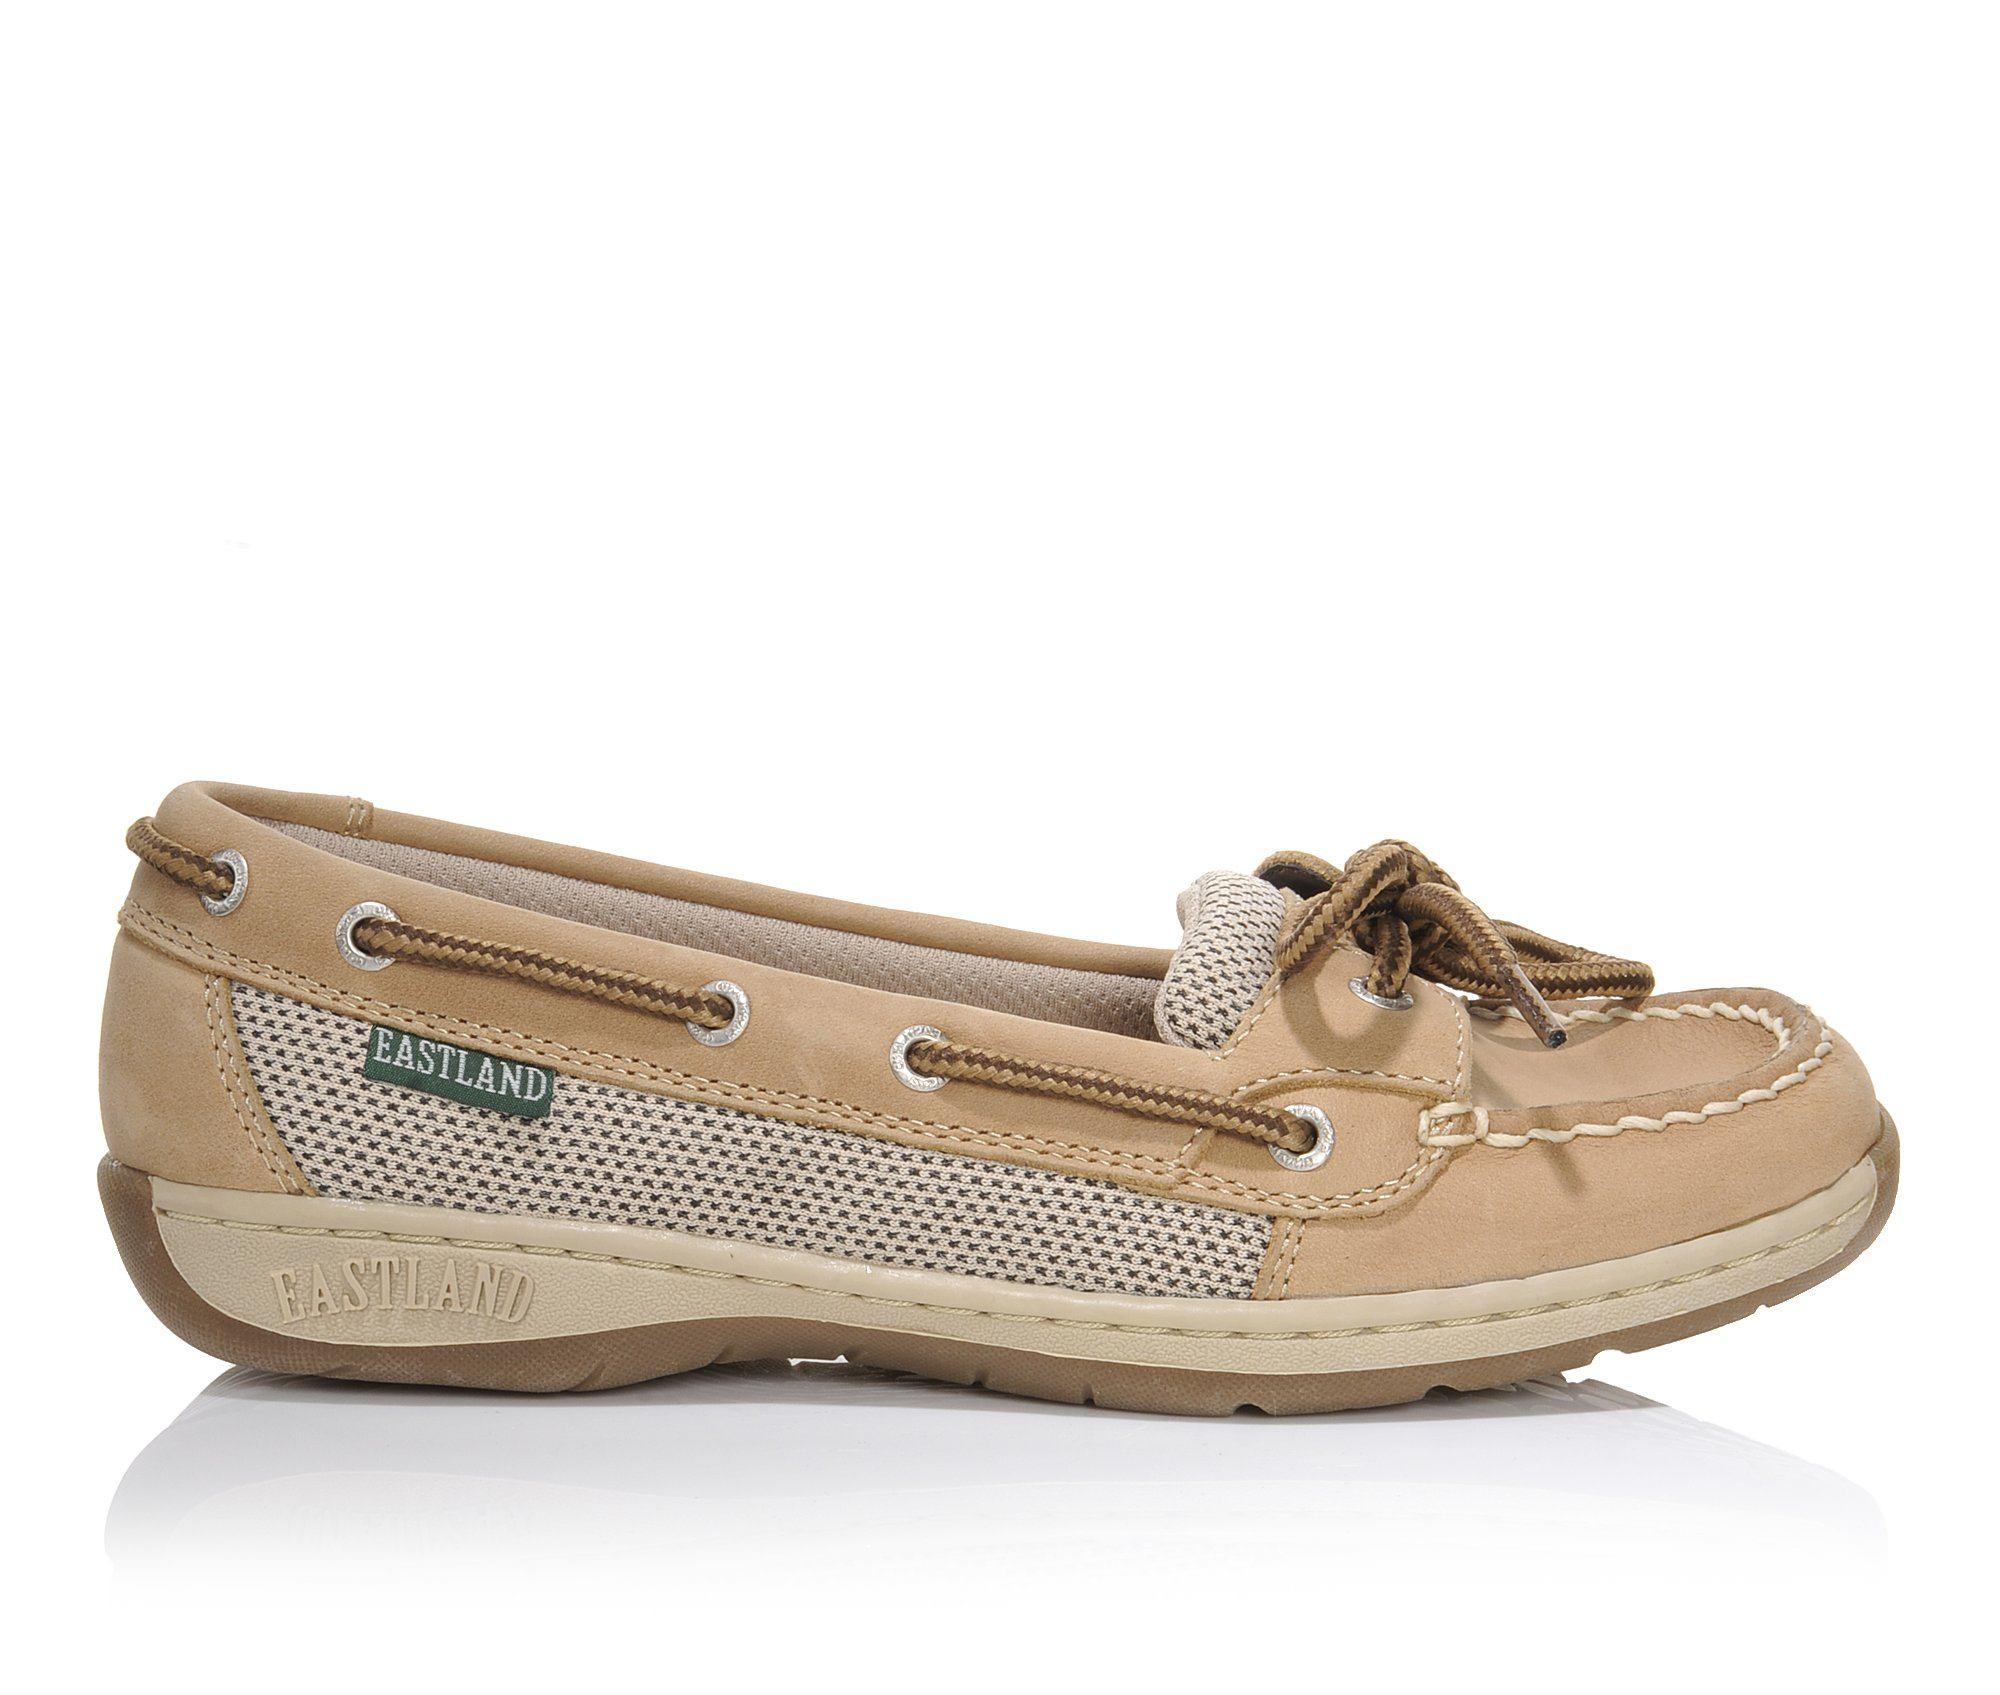 Eastland Sunrise Women's Shoe (Beige Leather)